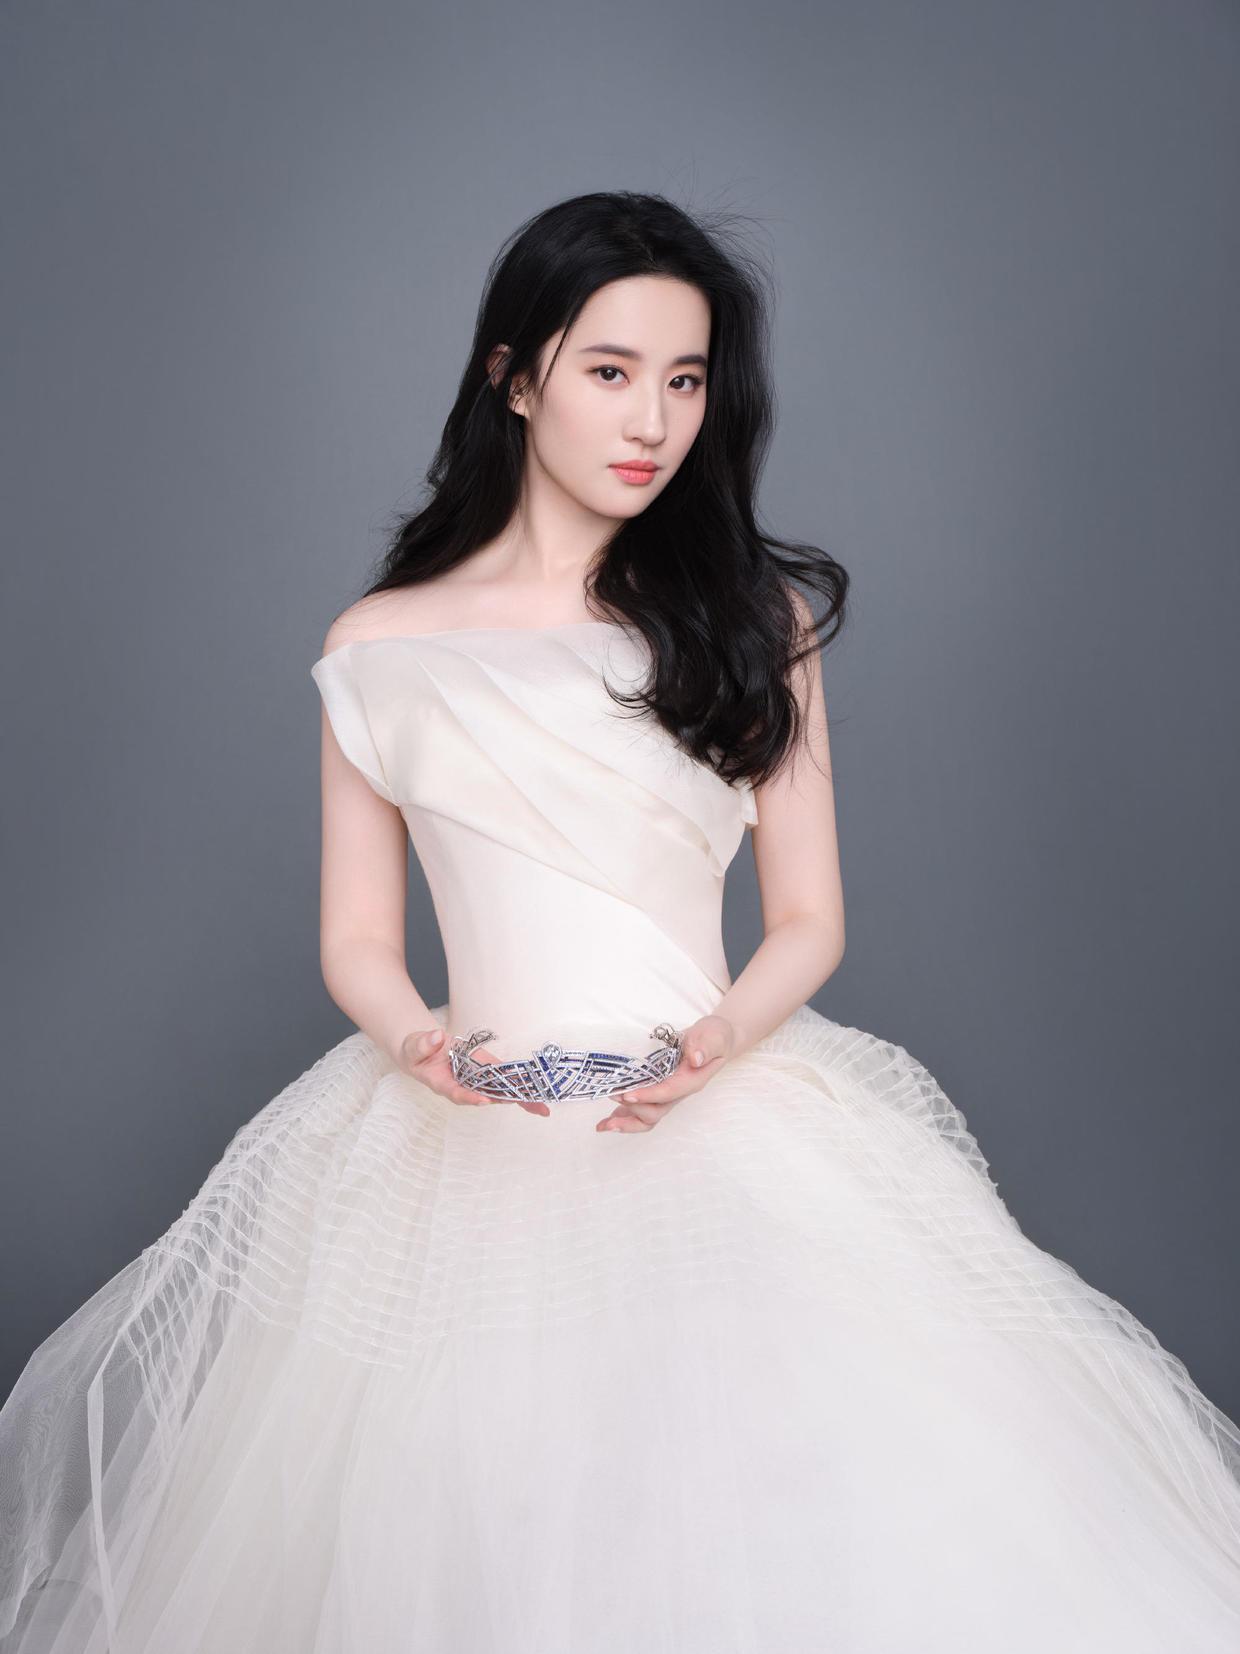 Váy tông trắng đã giúp Lưu Diệc Phi chiếm trọn trái tim khán giả khi hóa Tiểu Long Nữ, chính vì thế đây là màu sắc giúp cô thăng hạng nhan sắc.